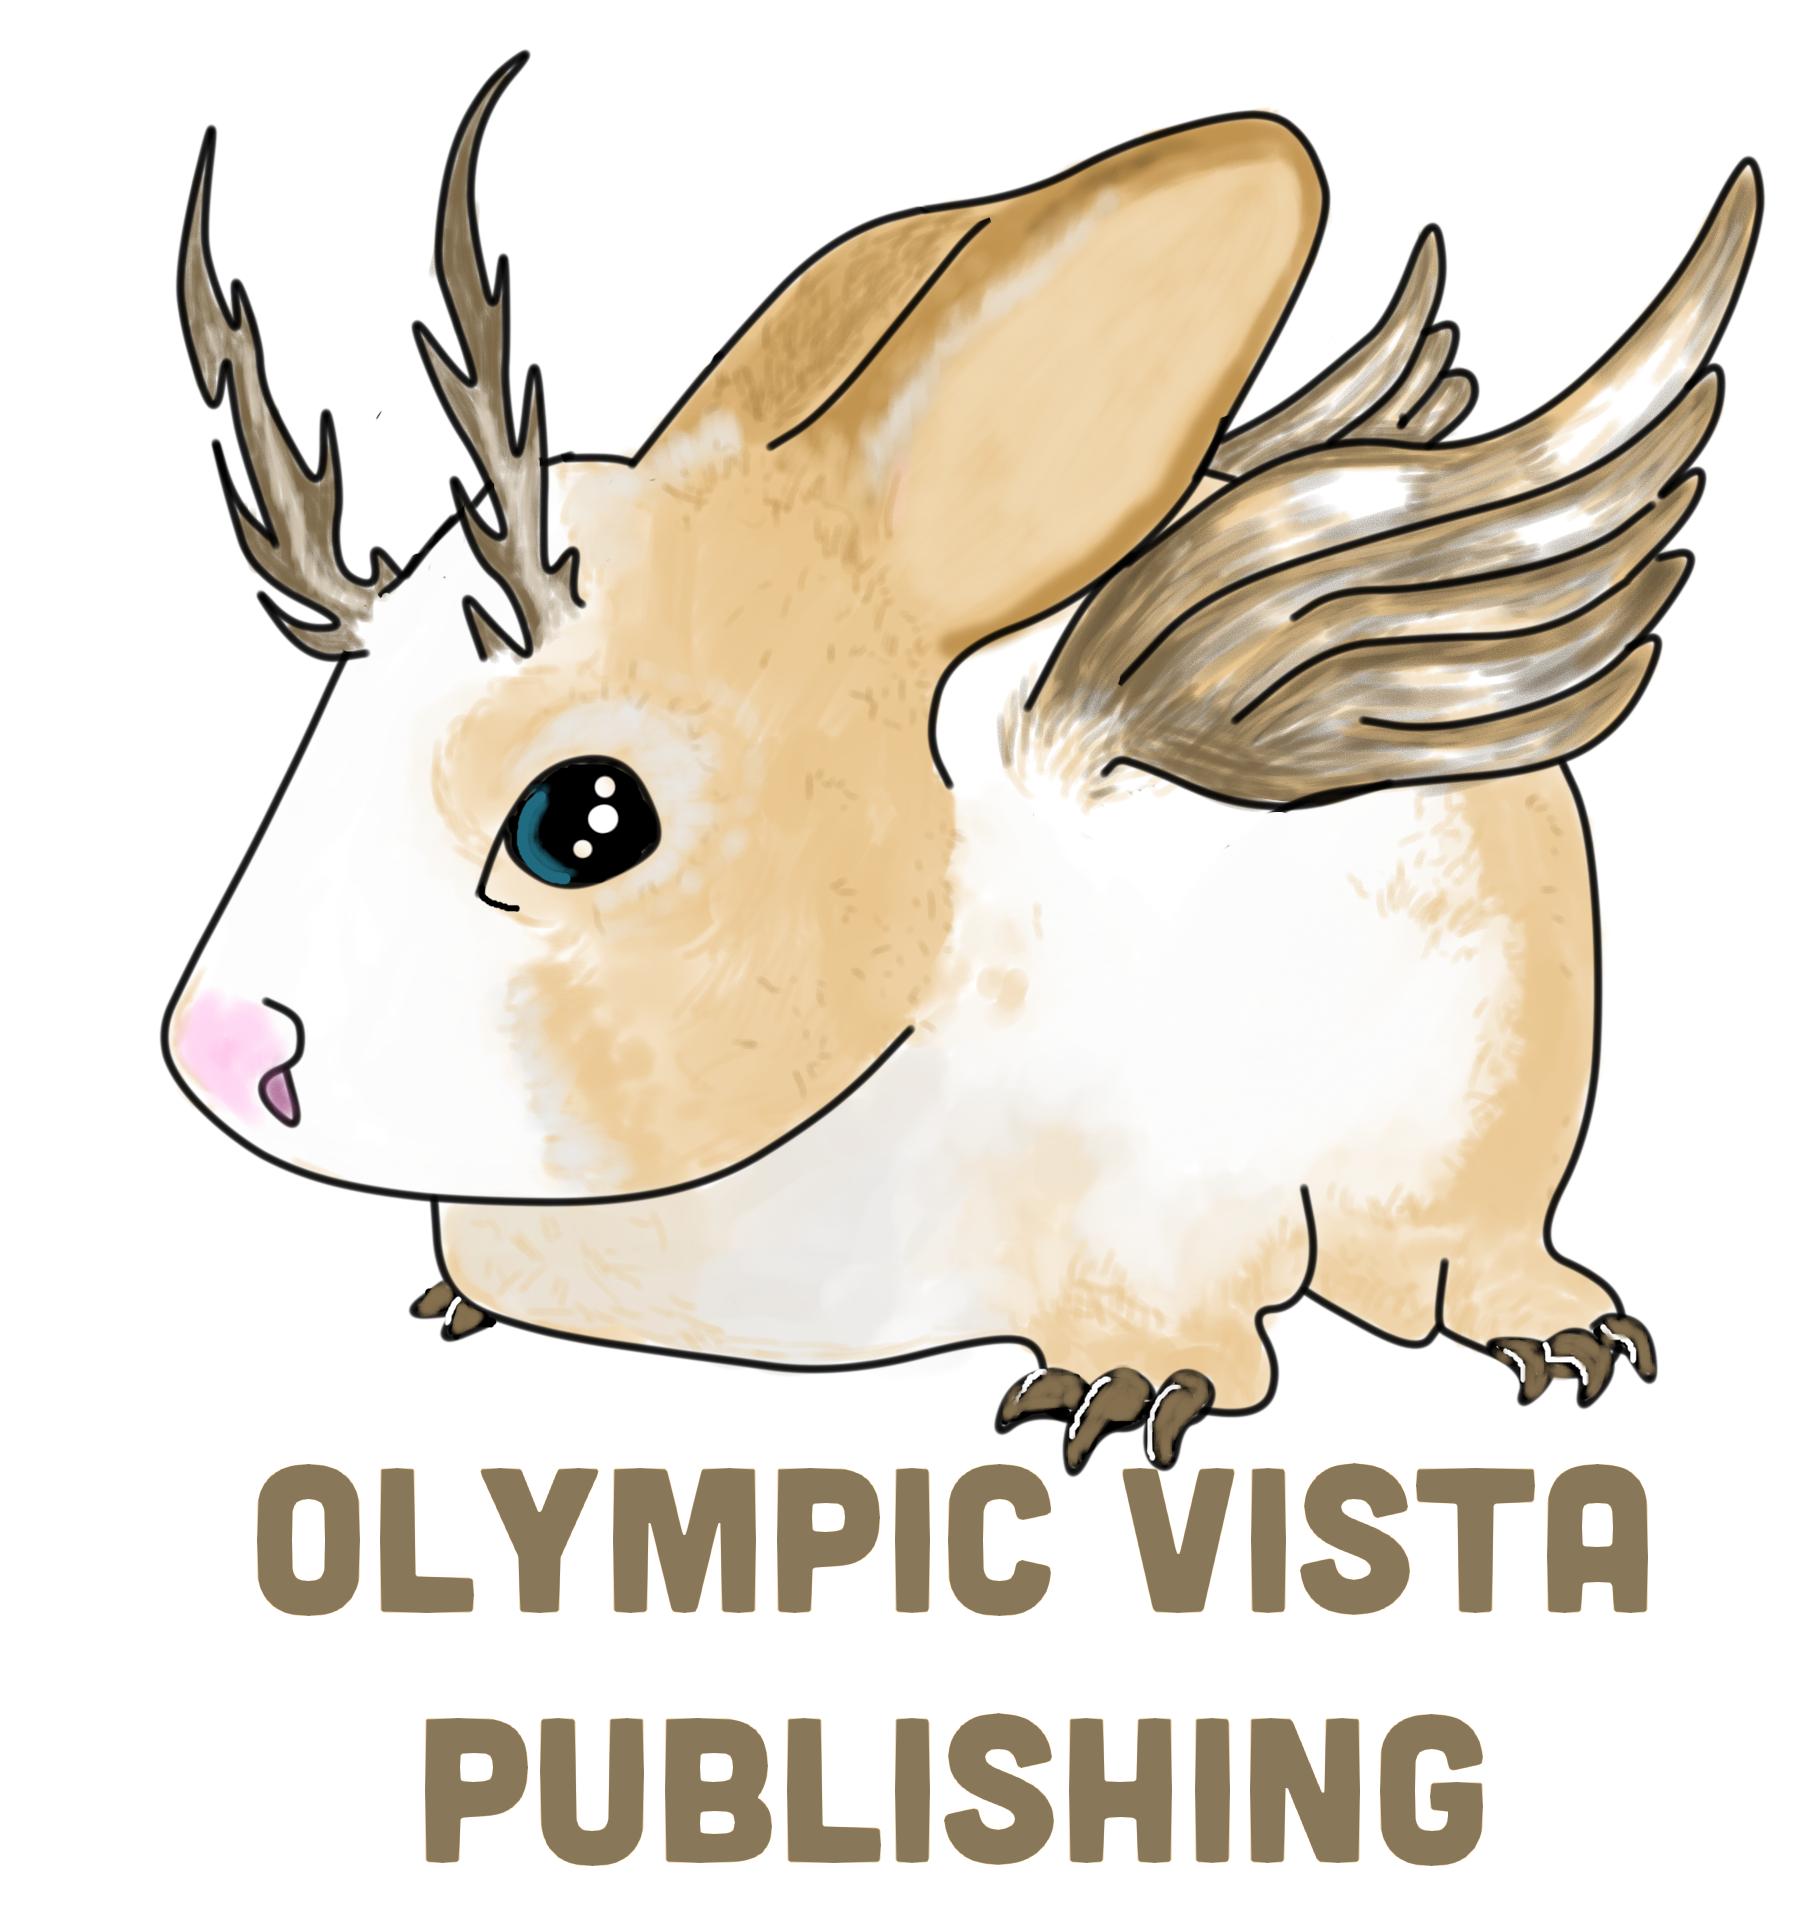 Olympic Vista Publishing